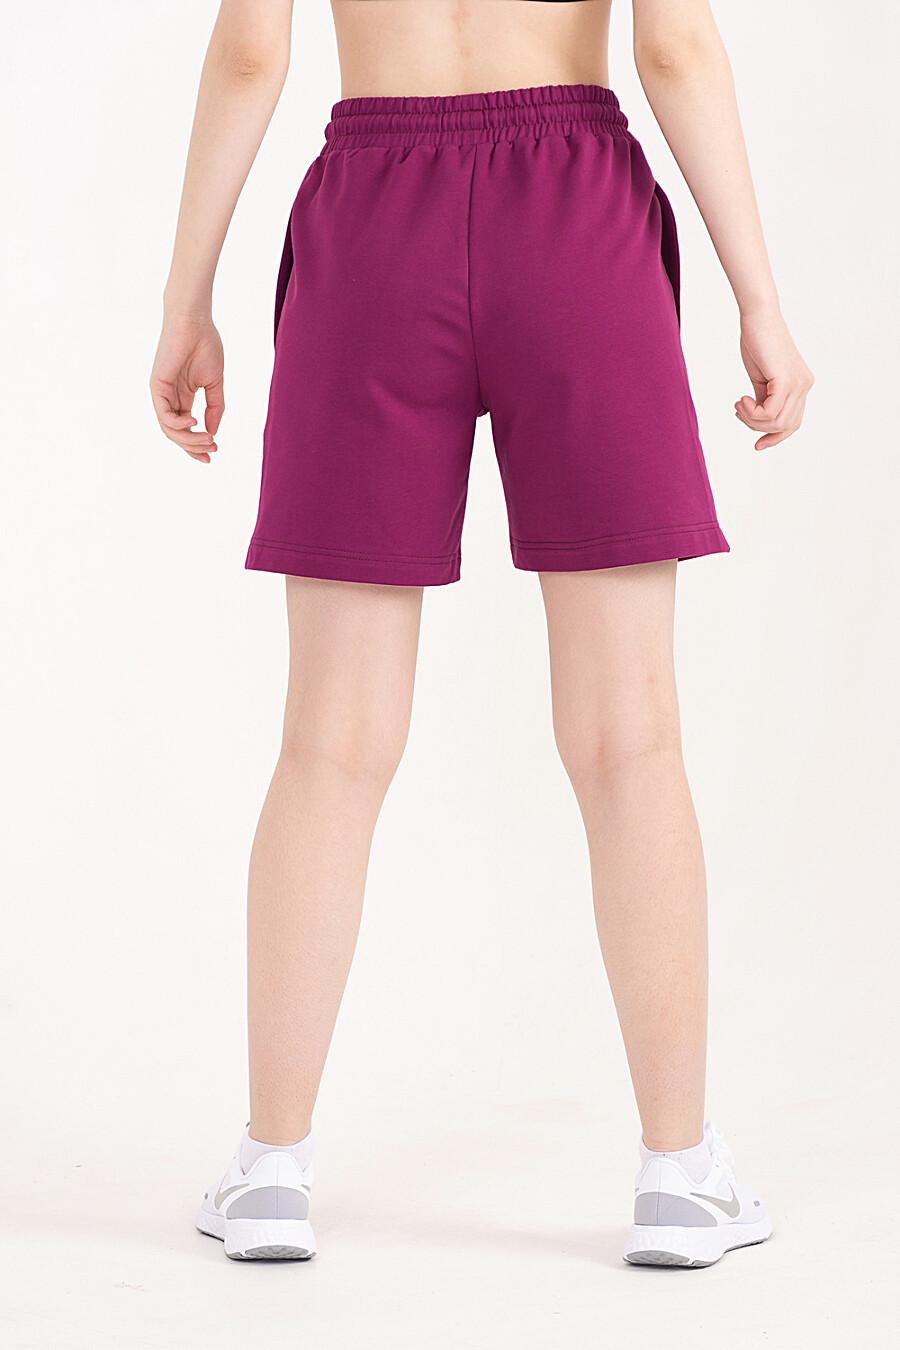 Шорты 16063 для женщин НАТАЛИ 649269 купить оптом от производителя. Совместная покупка женской одежды в OptMoyo